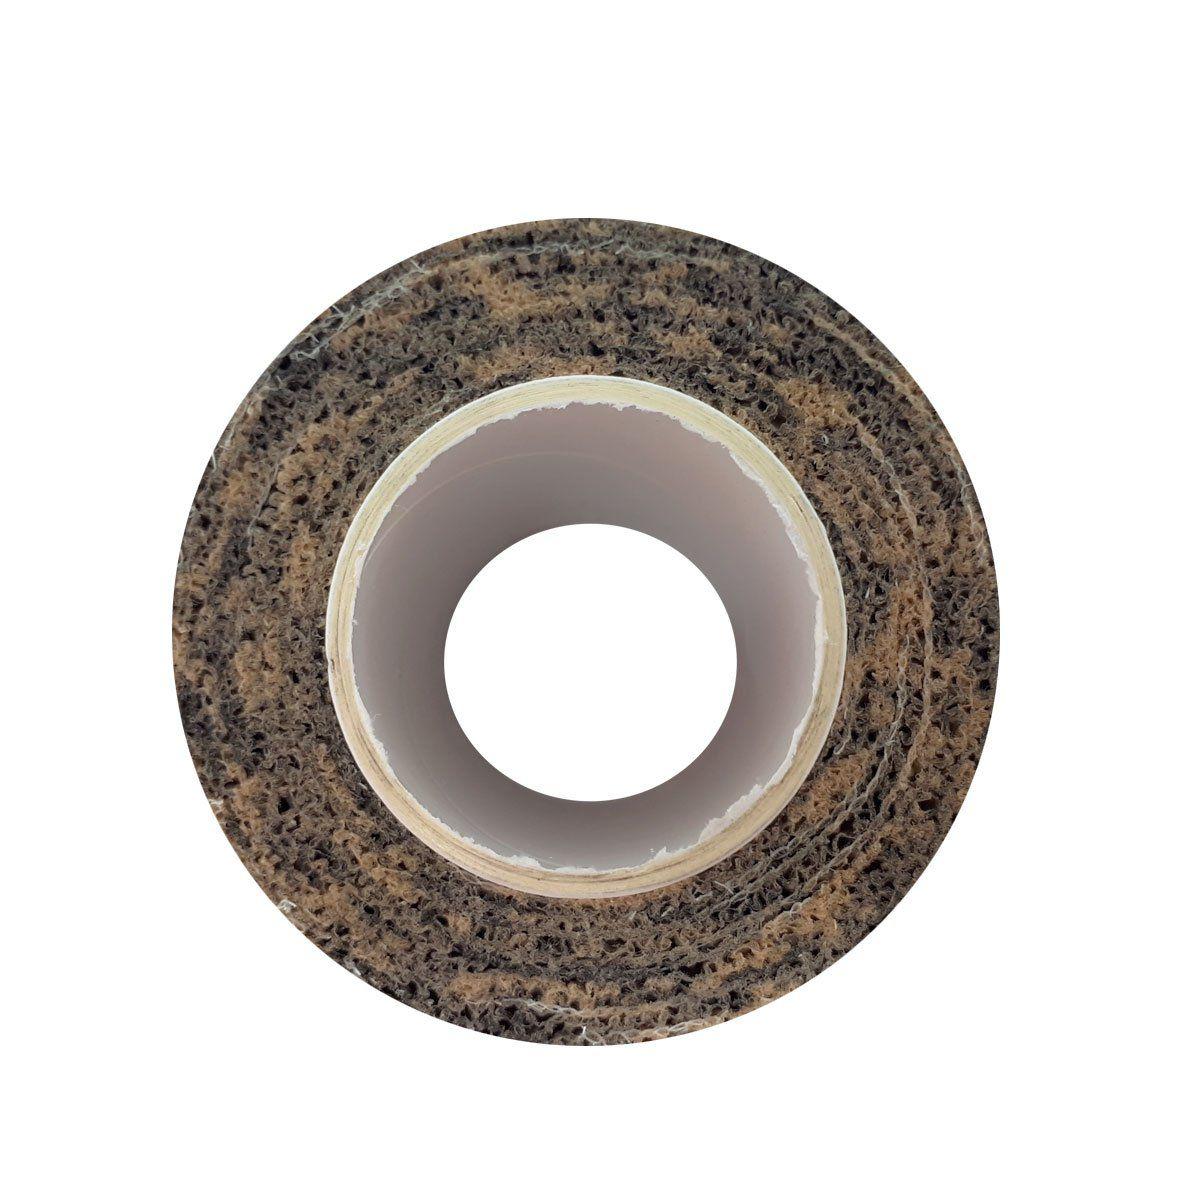 Fita para Camuflagem Albatroz Camo Tape FT-03 5 Mts